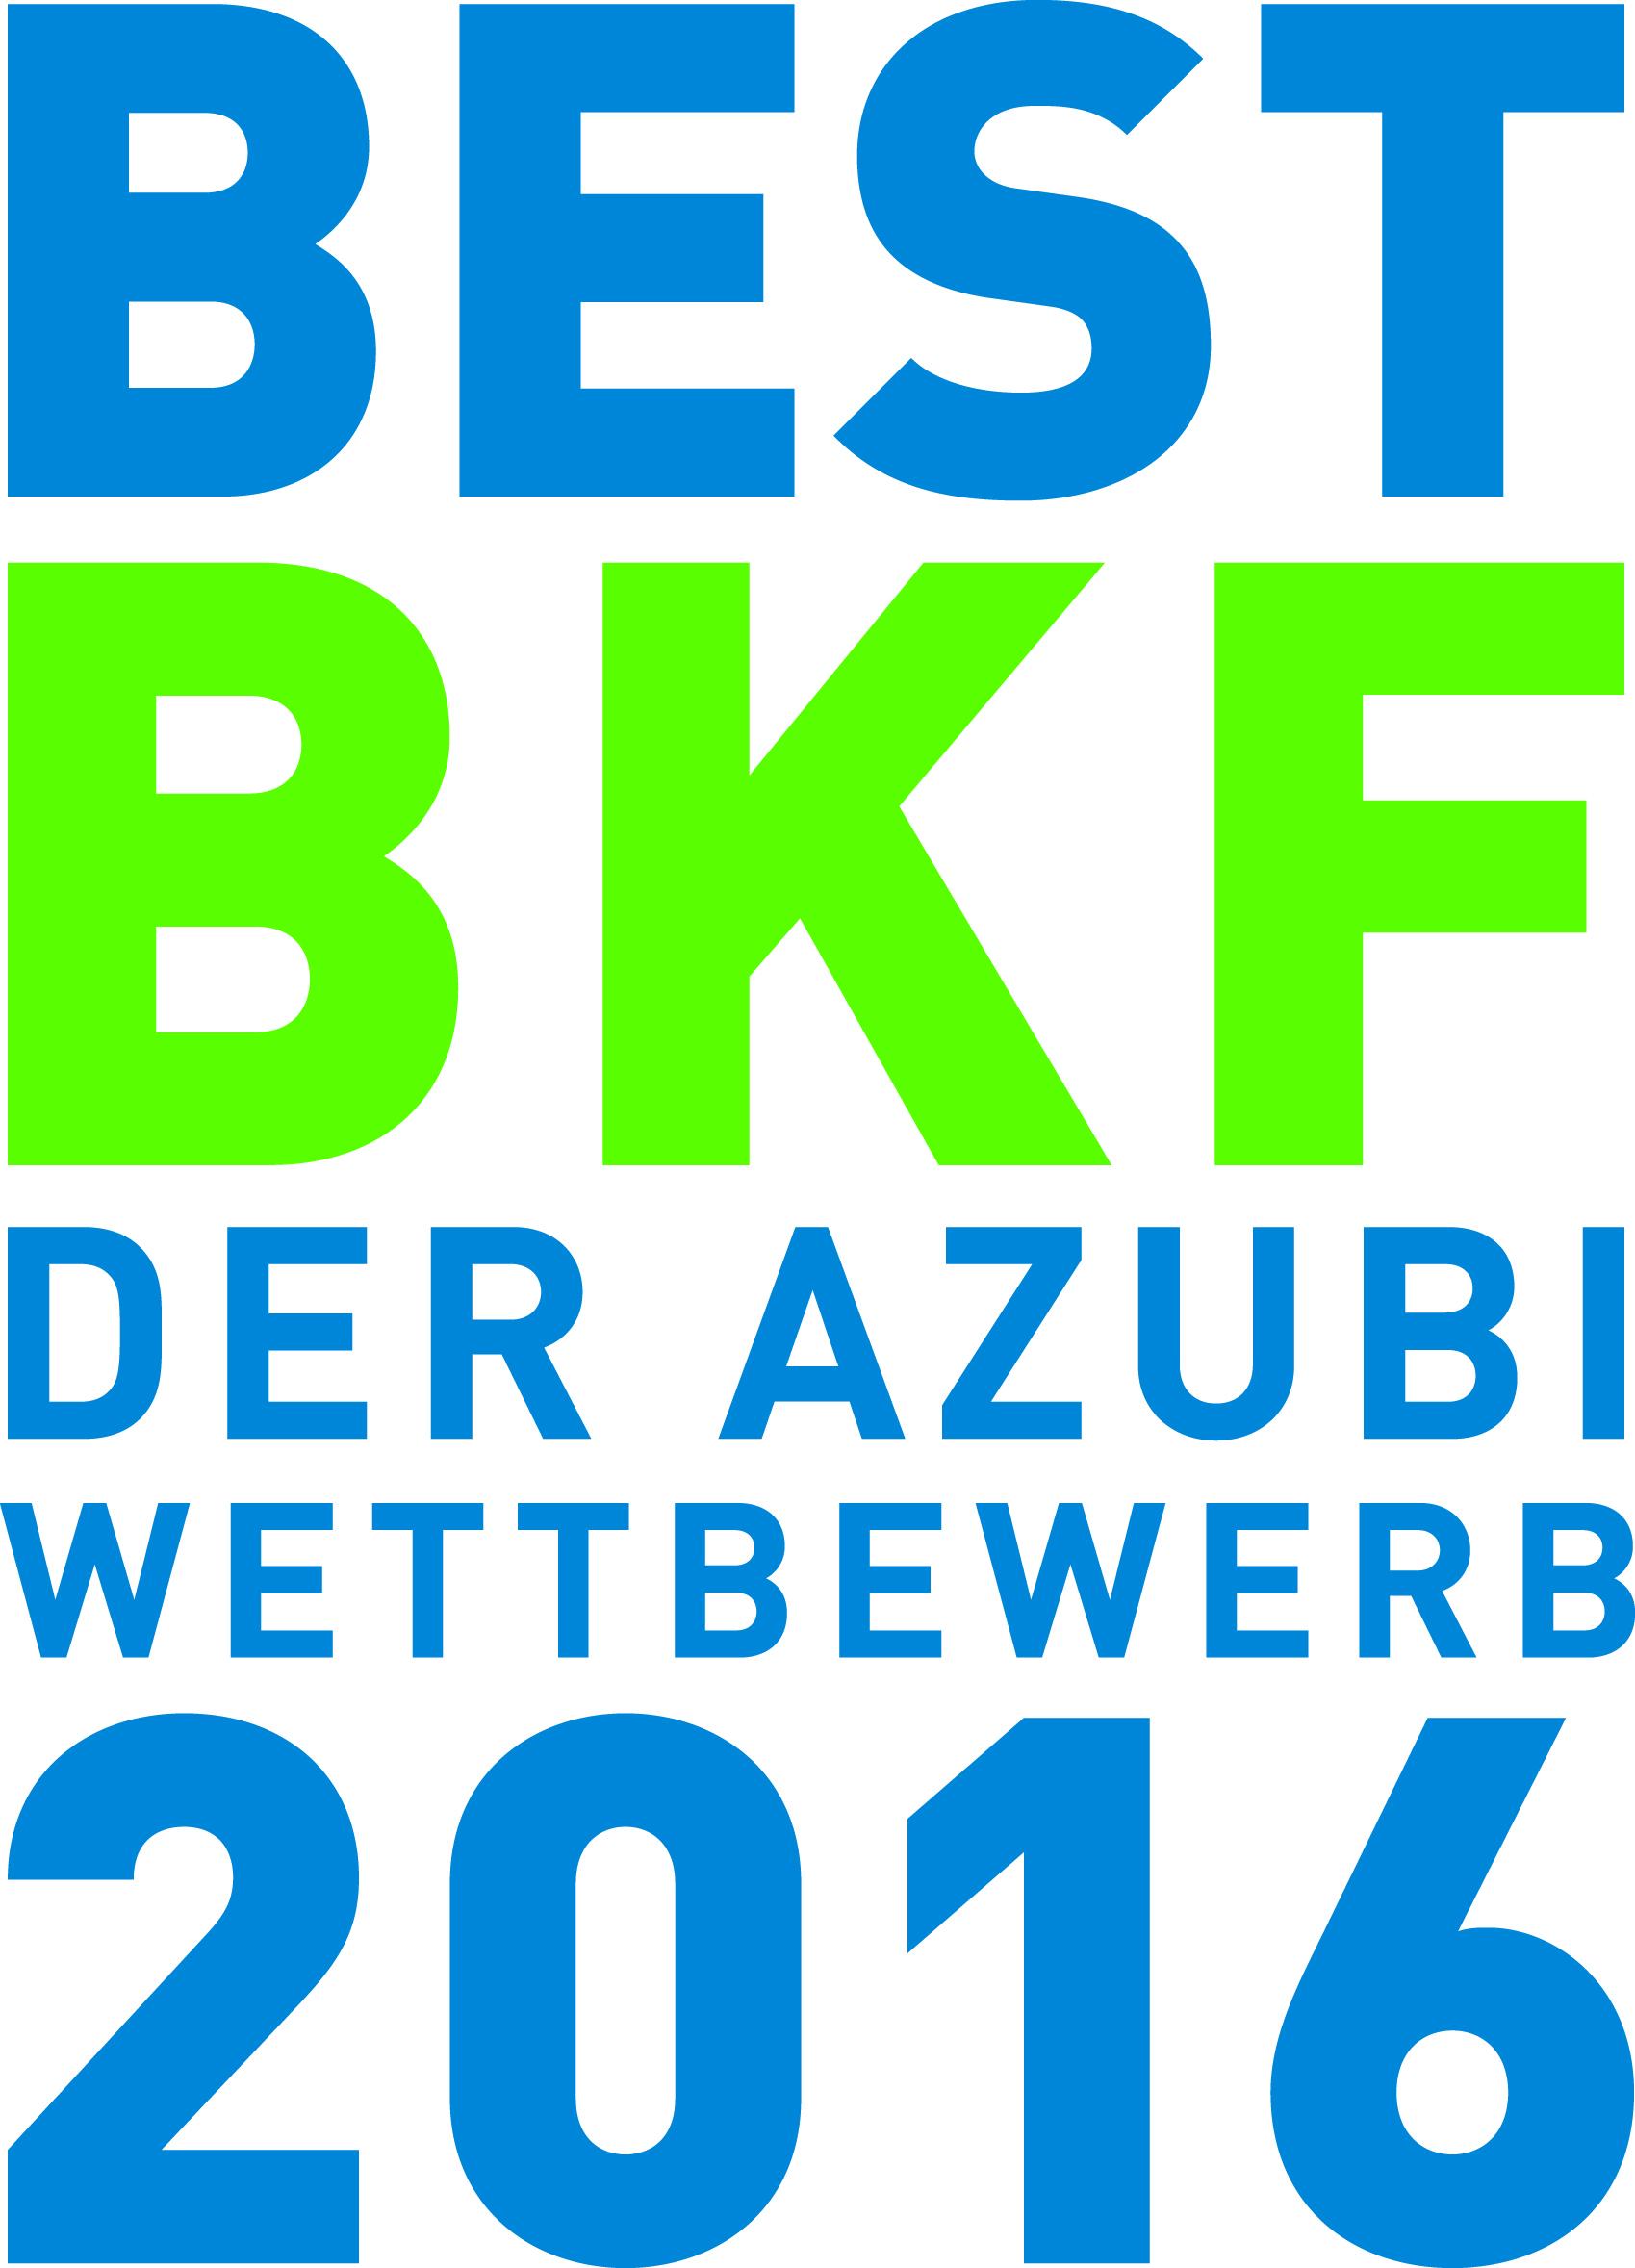 Logo Best BKF16 4c 2015 06 29 14 55